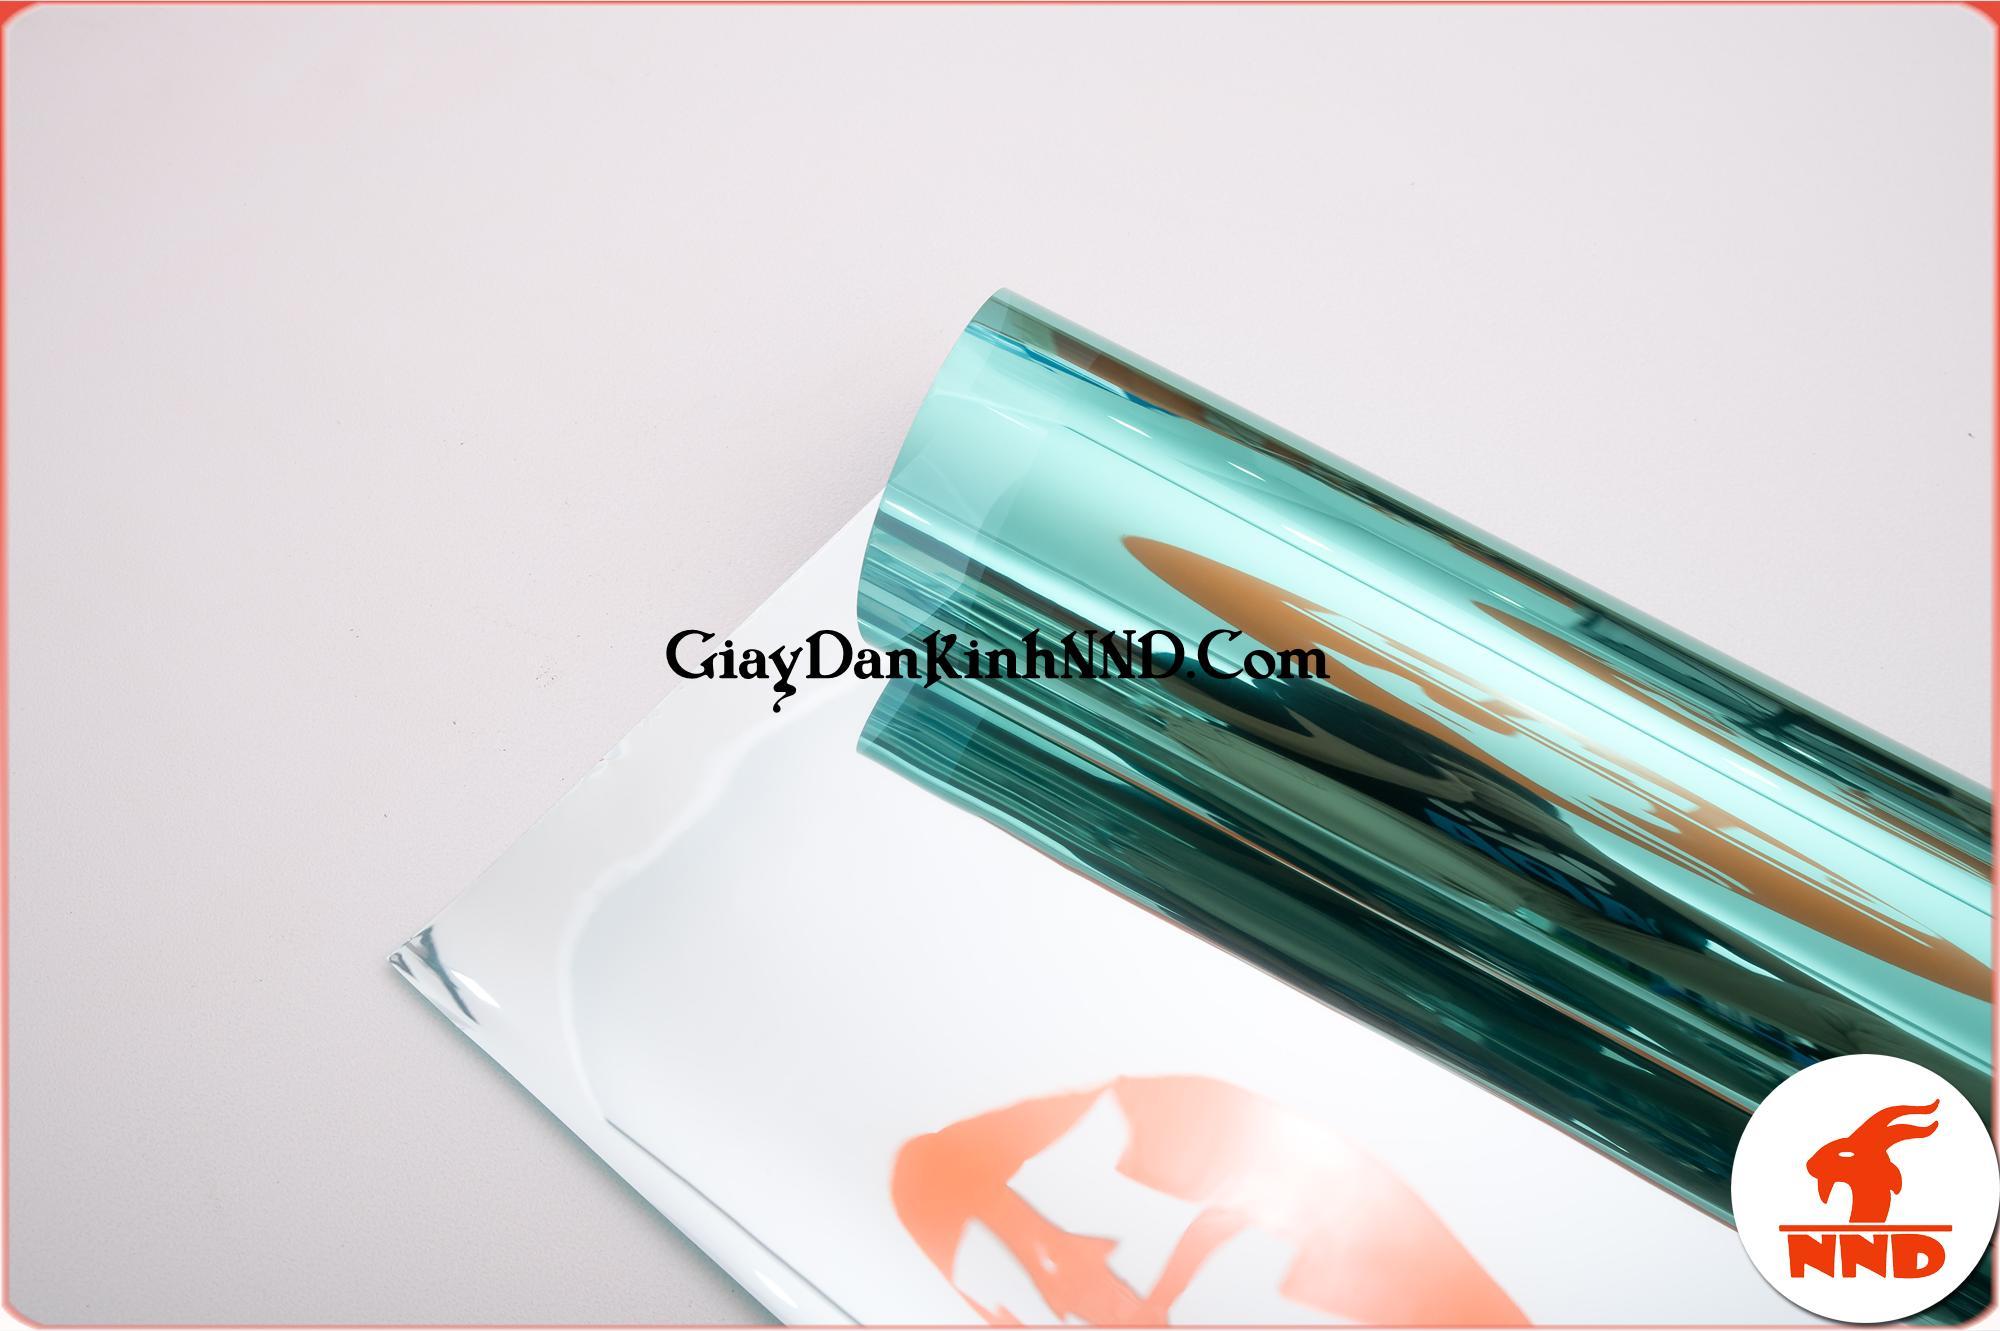 Bên cạnh đó GS16 còn được biết đến với tính thẩm mỹ rất cao nhờ màu xanh lá vô cùng bắt mắt